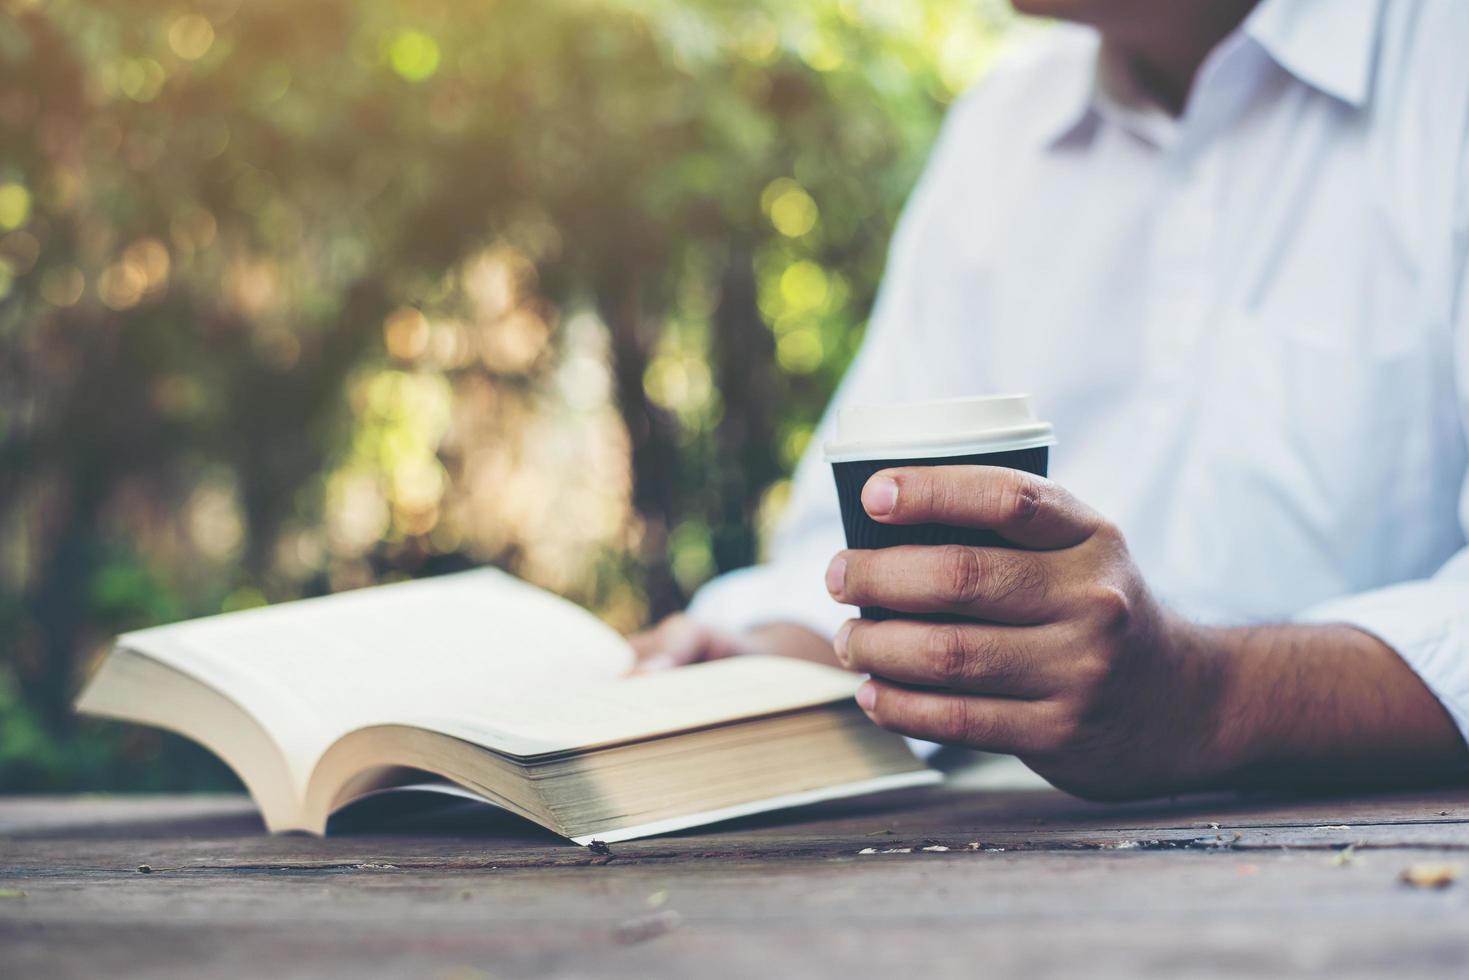 hombre leyendo un libro en sus manos foto